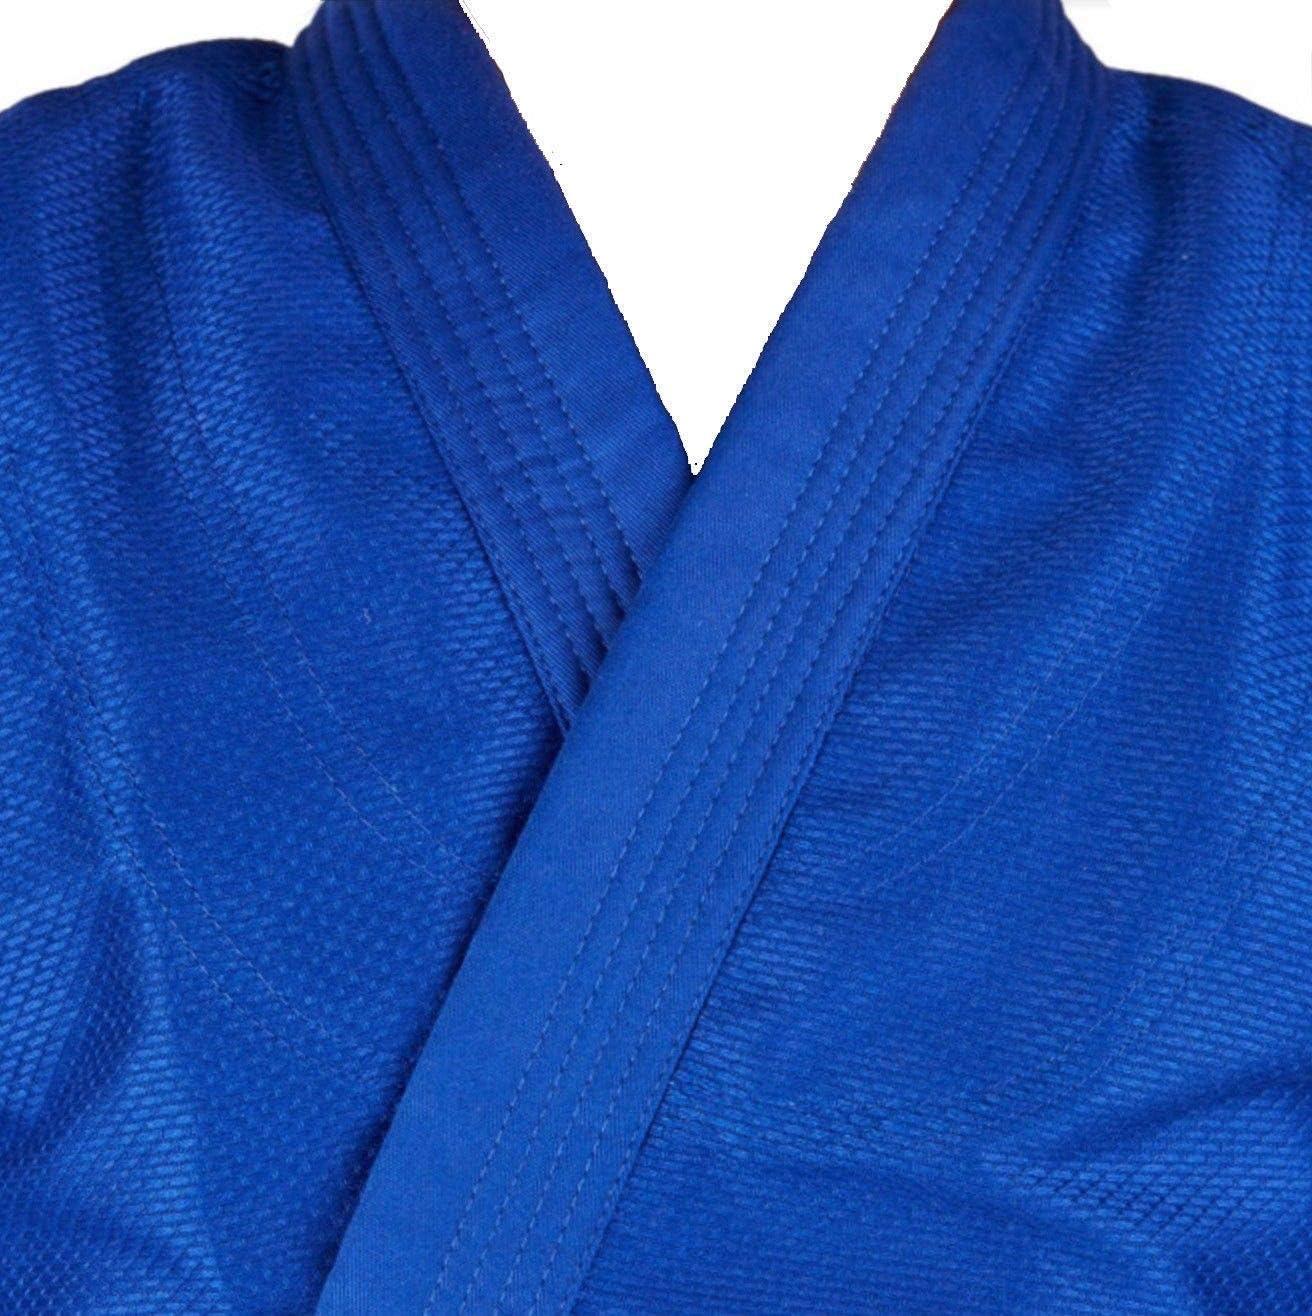 Aasta Azul Judo Gi//Traje con Libre cintur/ón 000//110